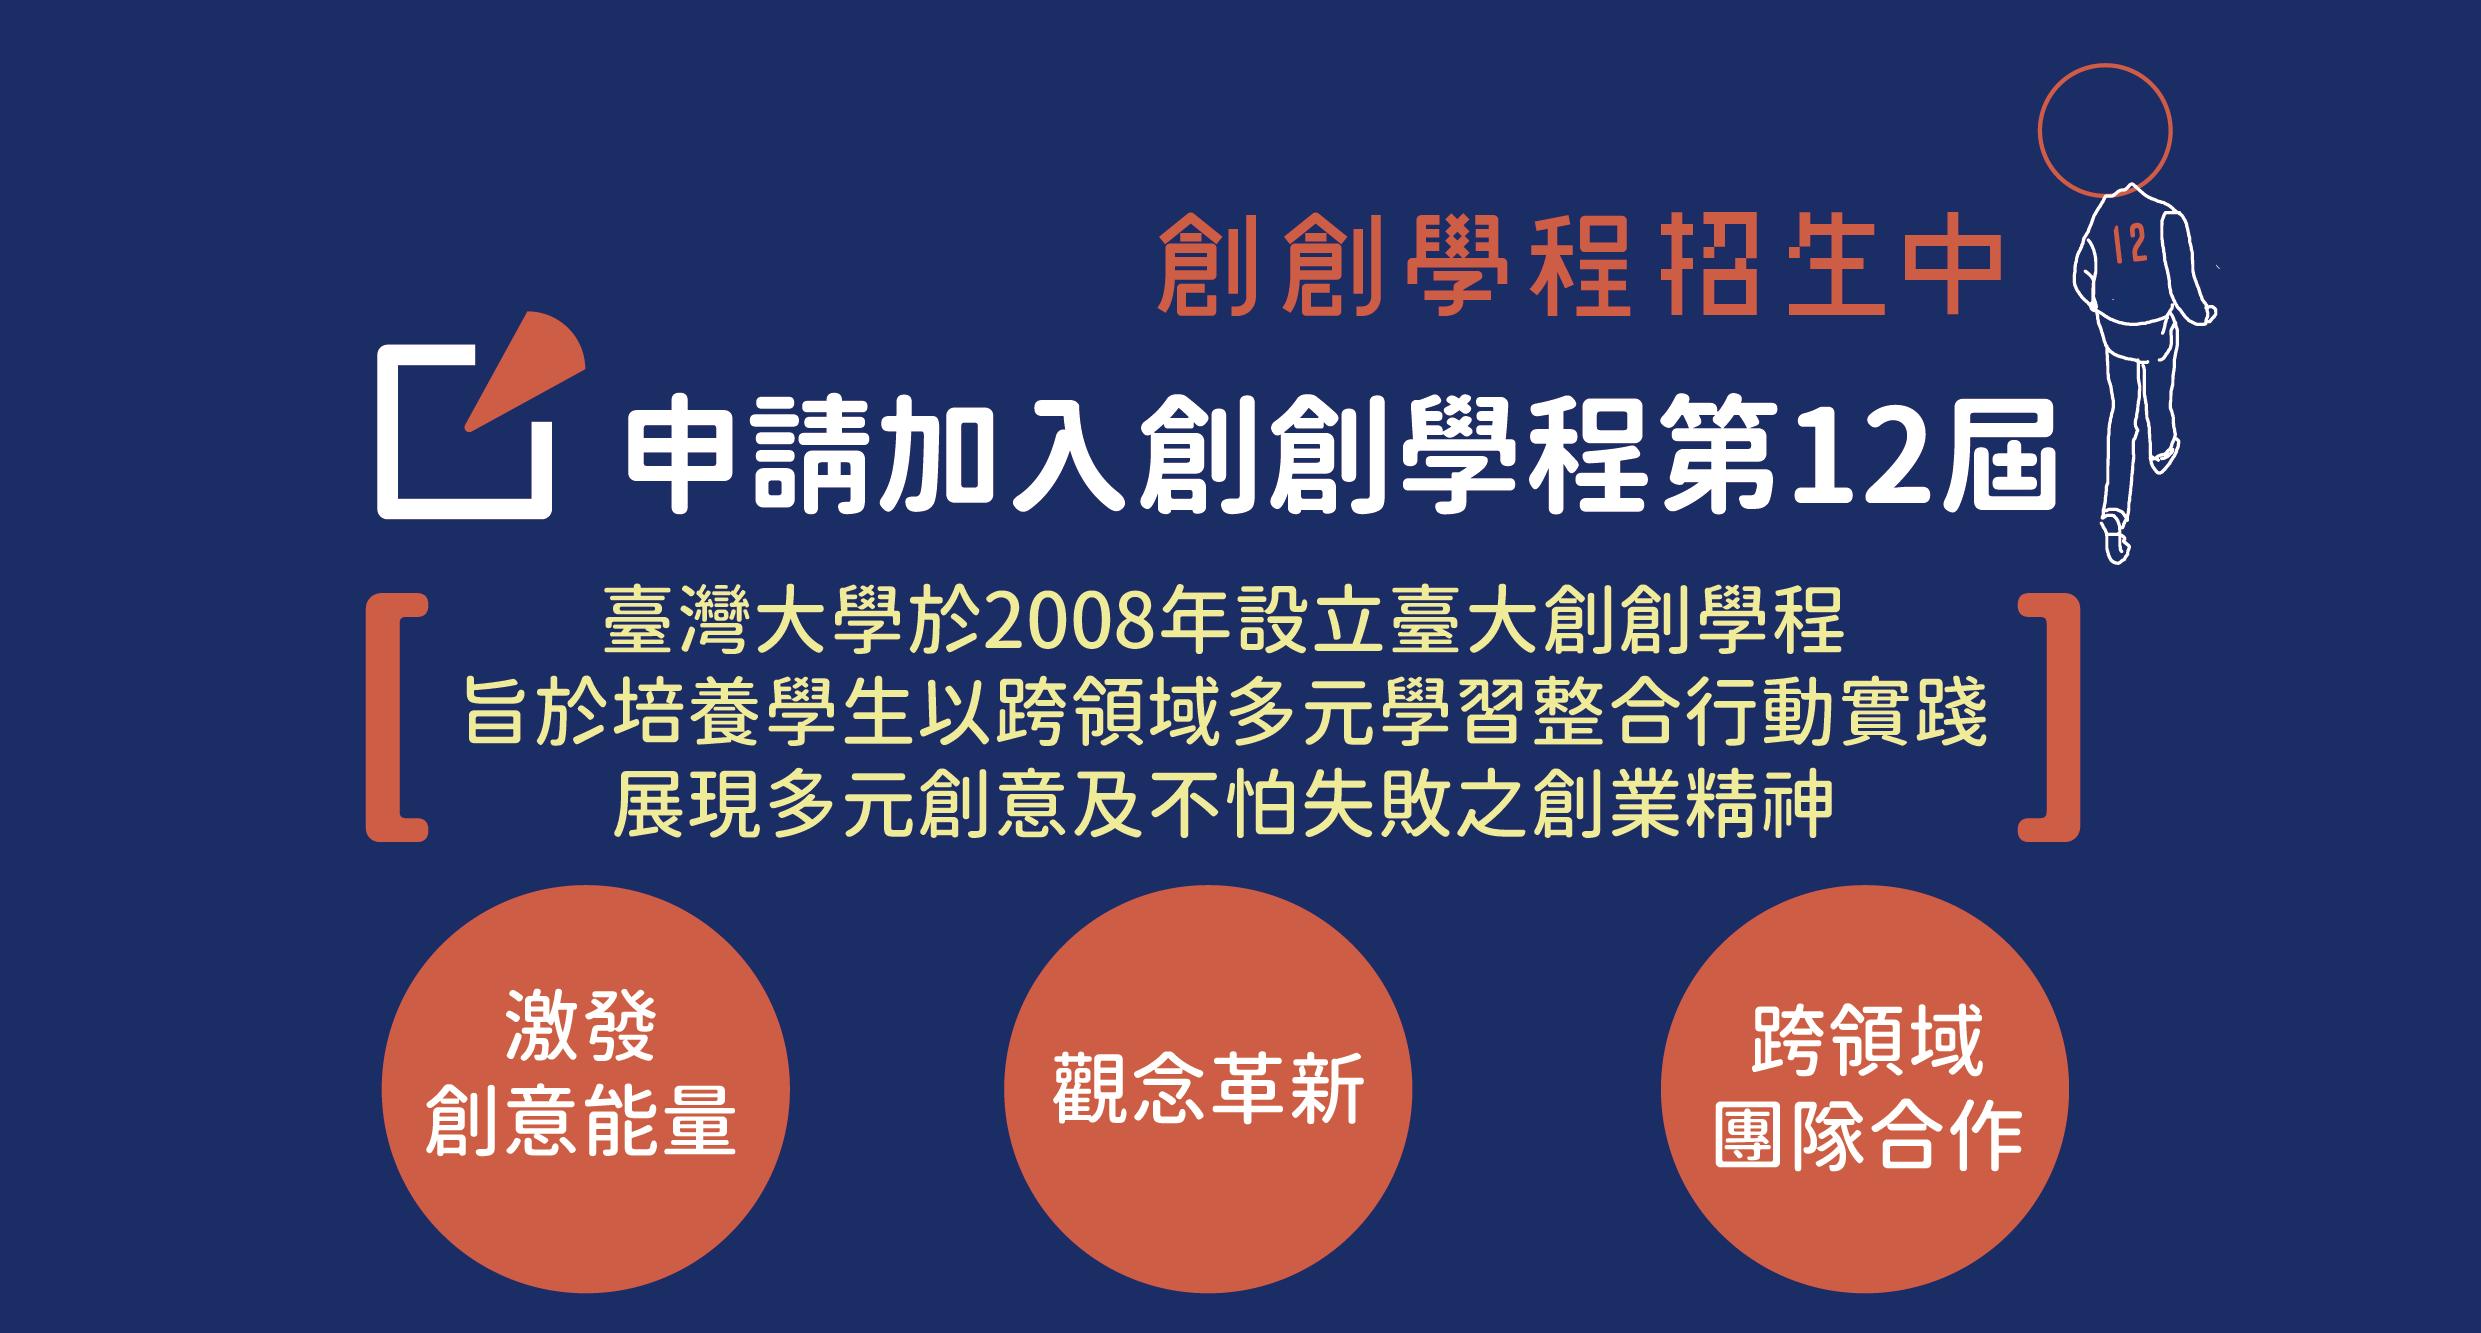 申請創創12屆招生日程